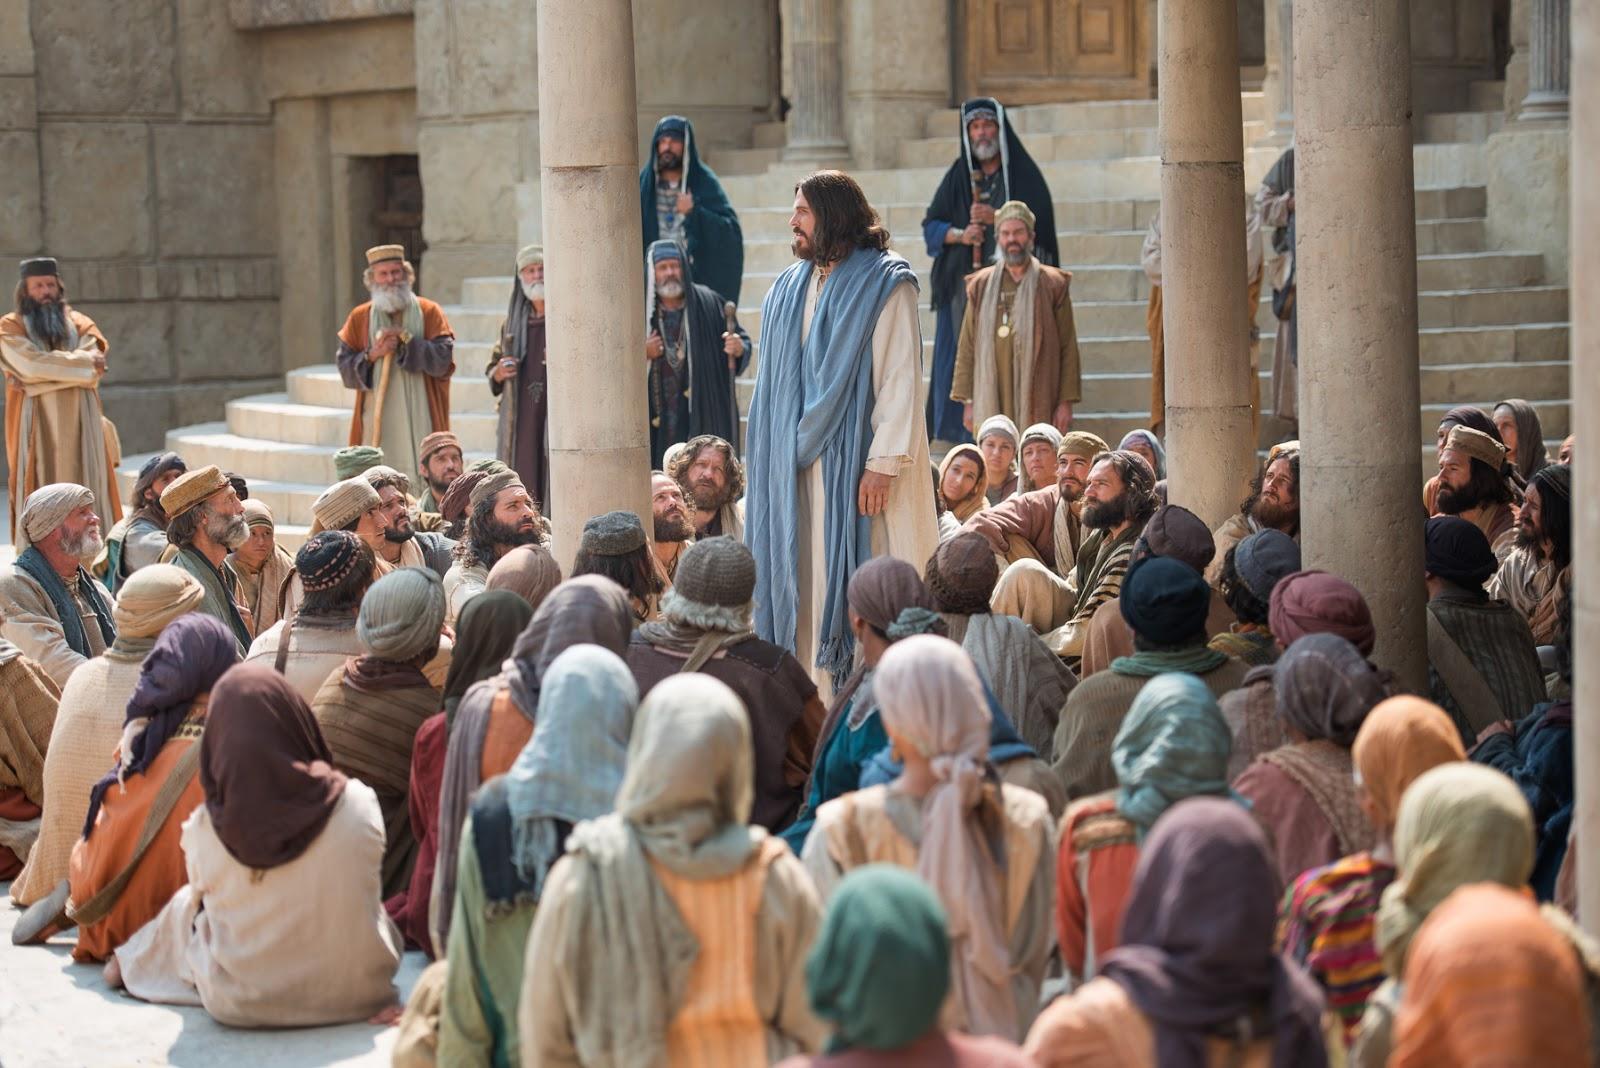 Đâu là thái độ của Chúa Giêsu đối với Đền thờ Giêrusalem?